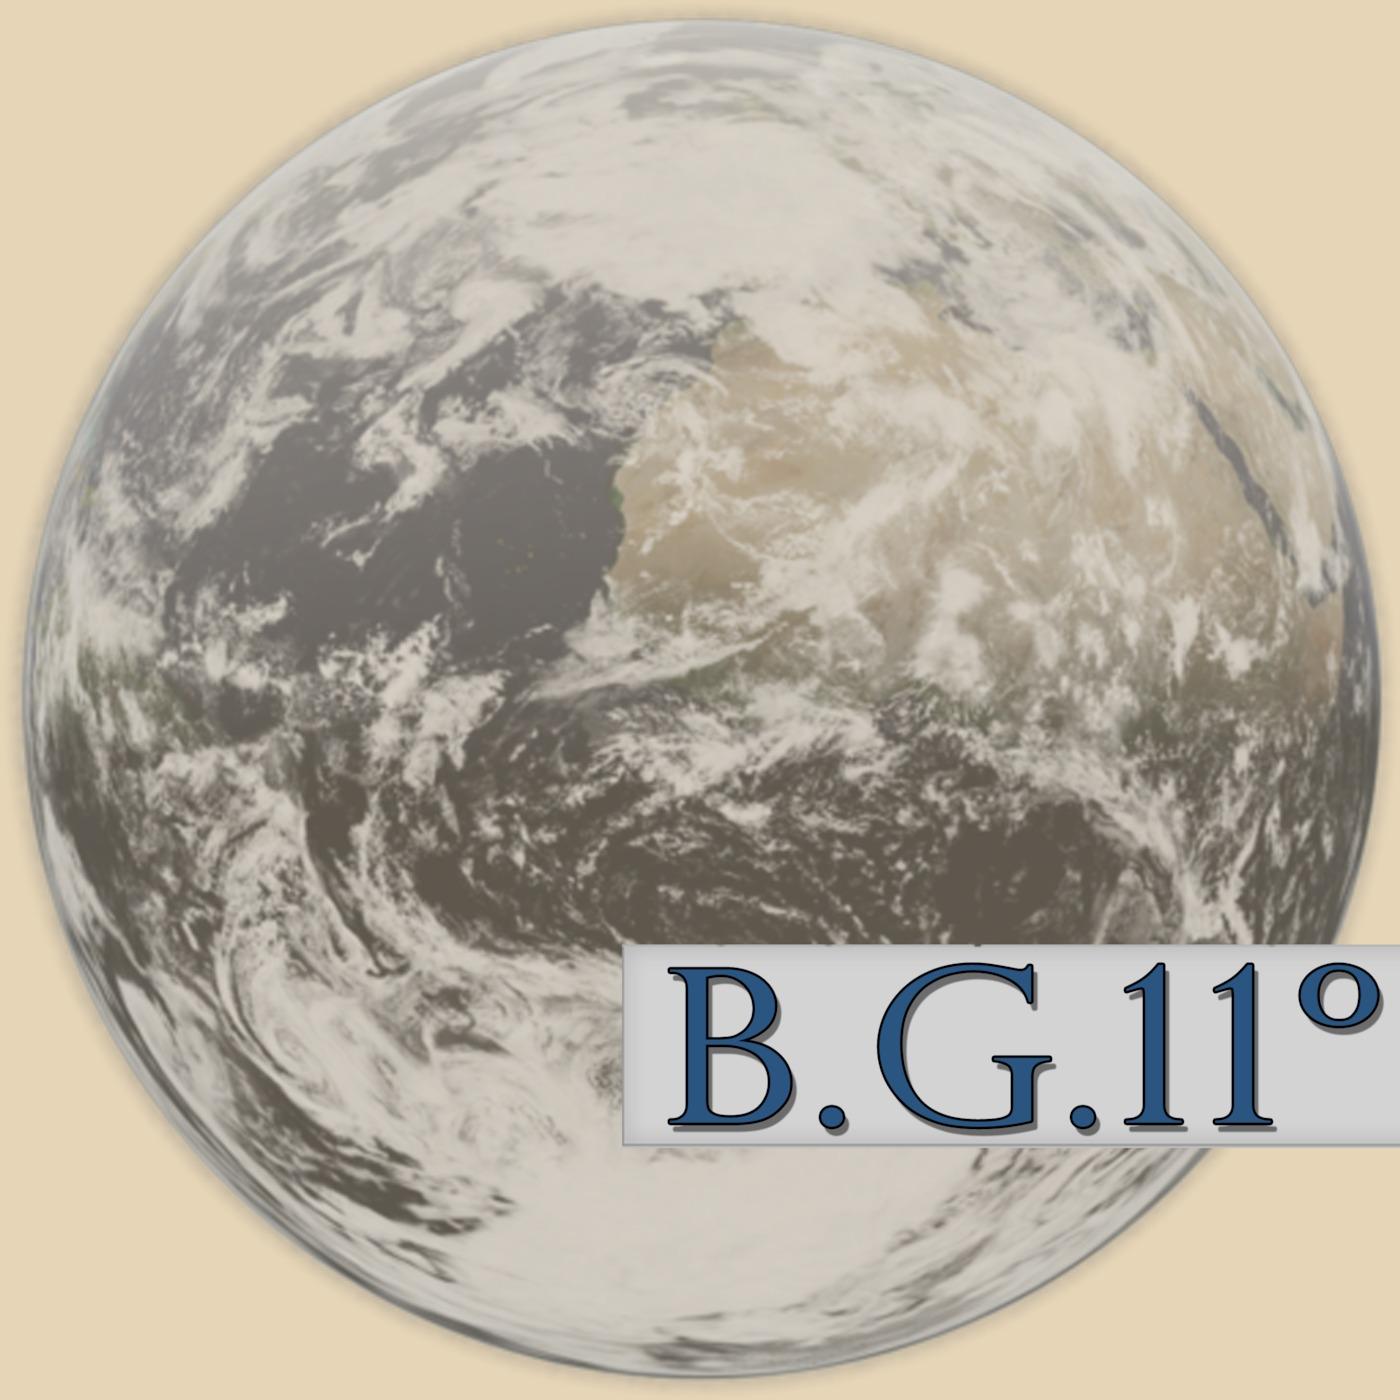 B.G. 11º